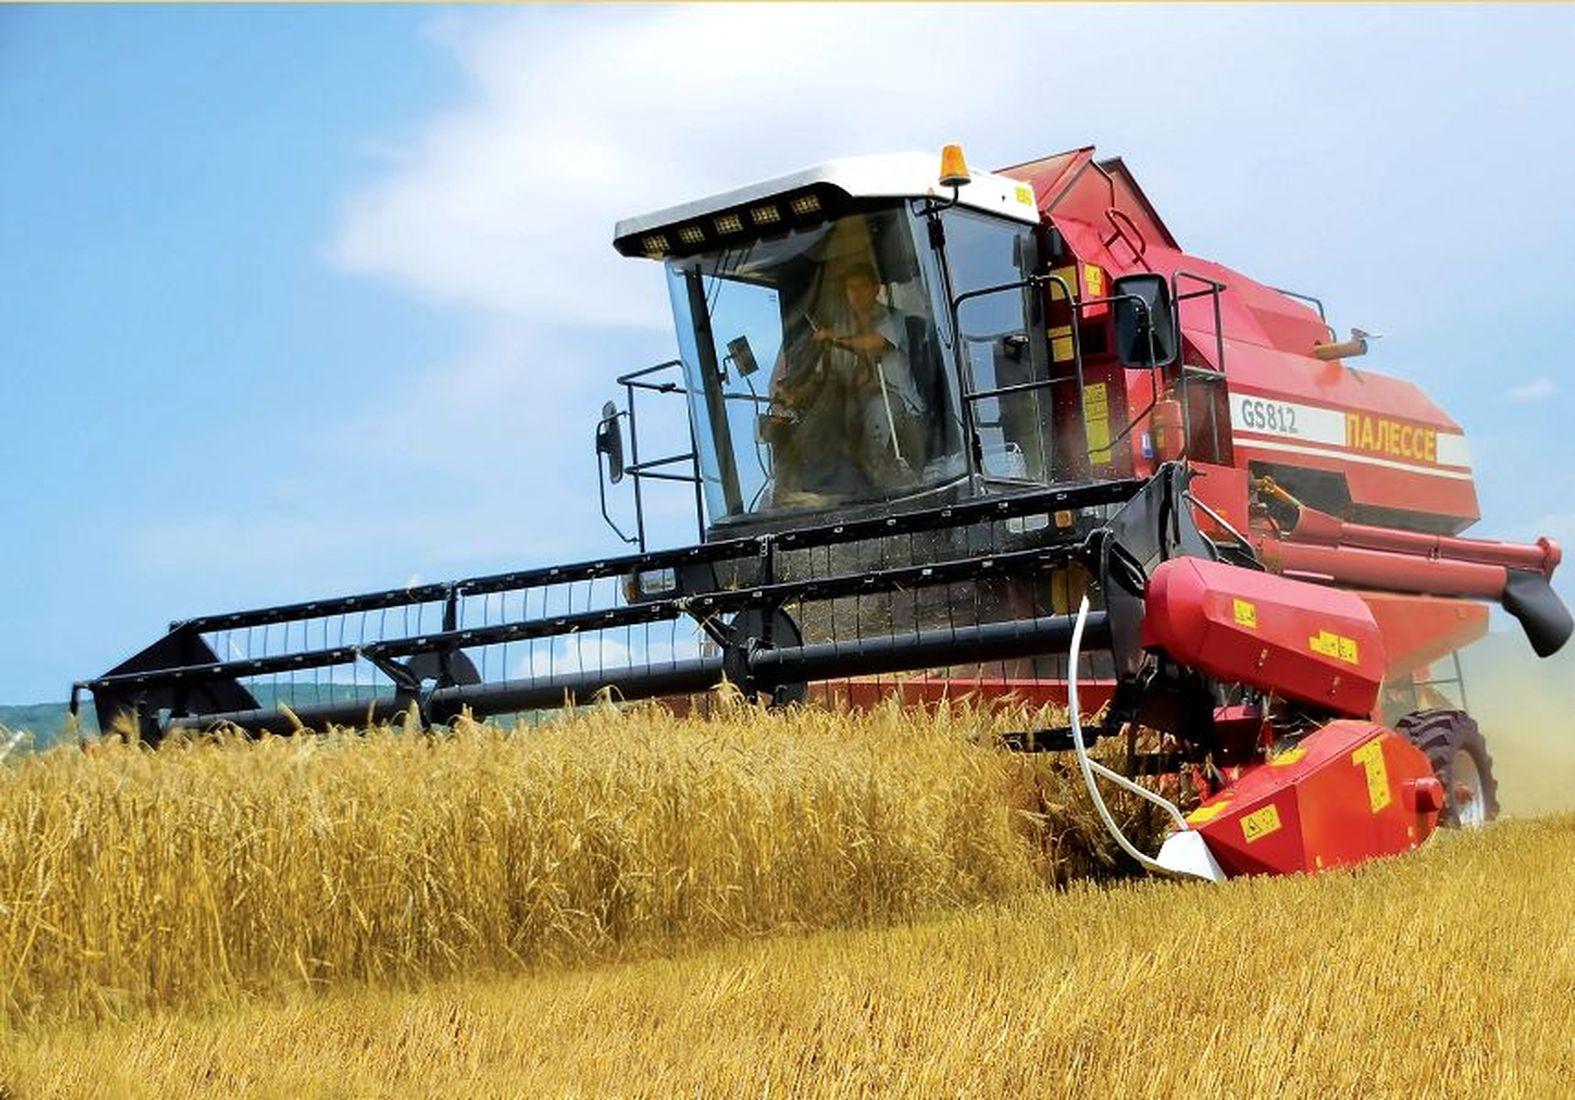 Цены на сельхозтехнику растут параллельно с госсубсидиями – Сауэр